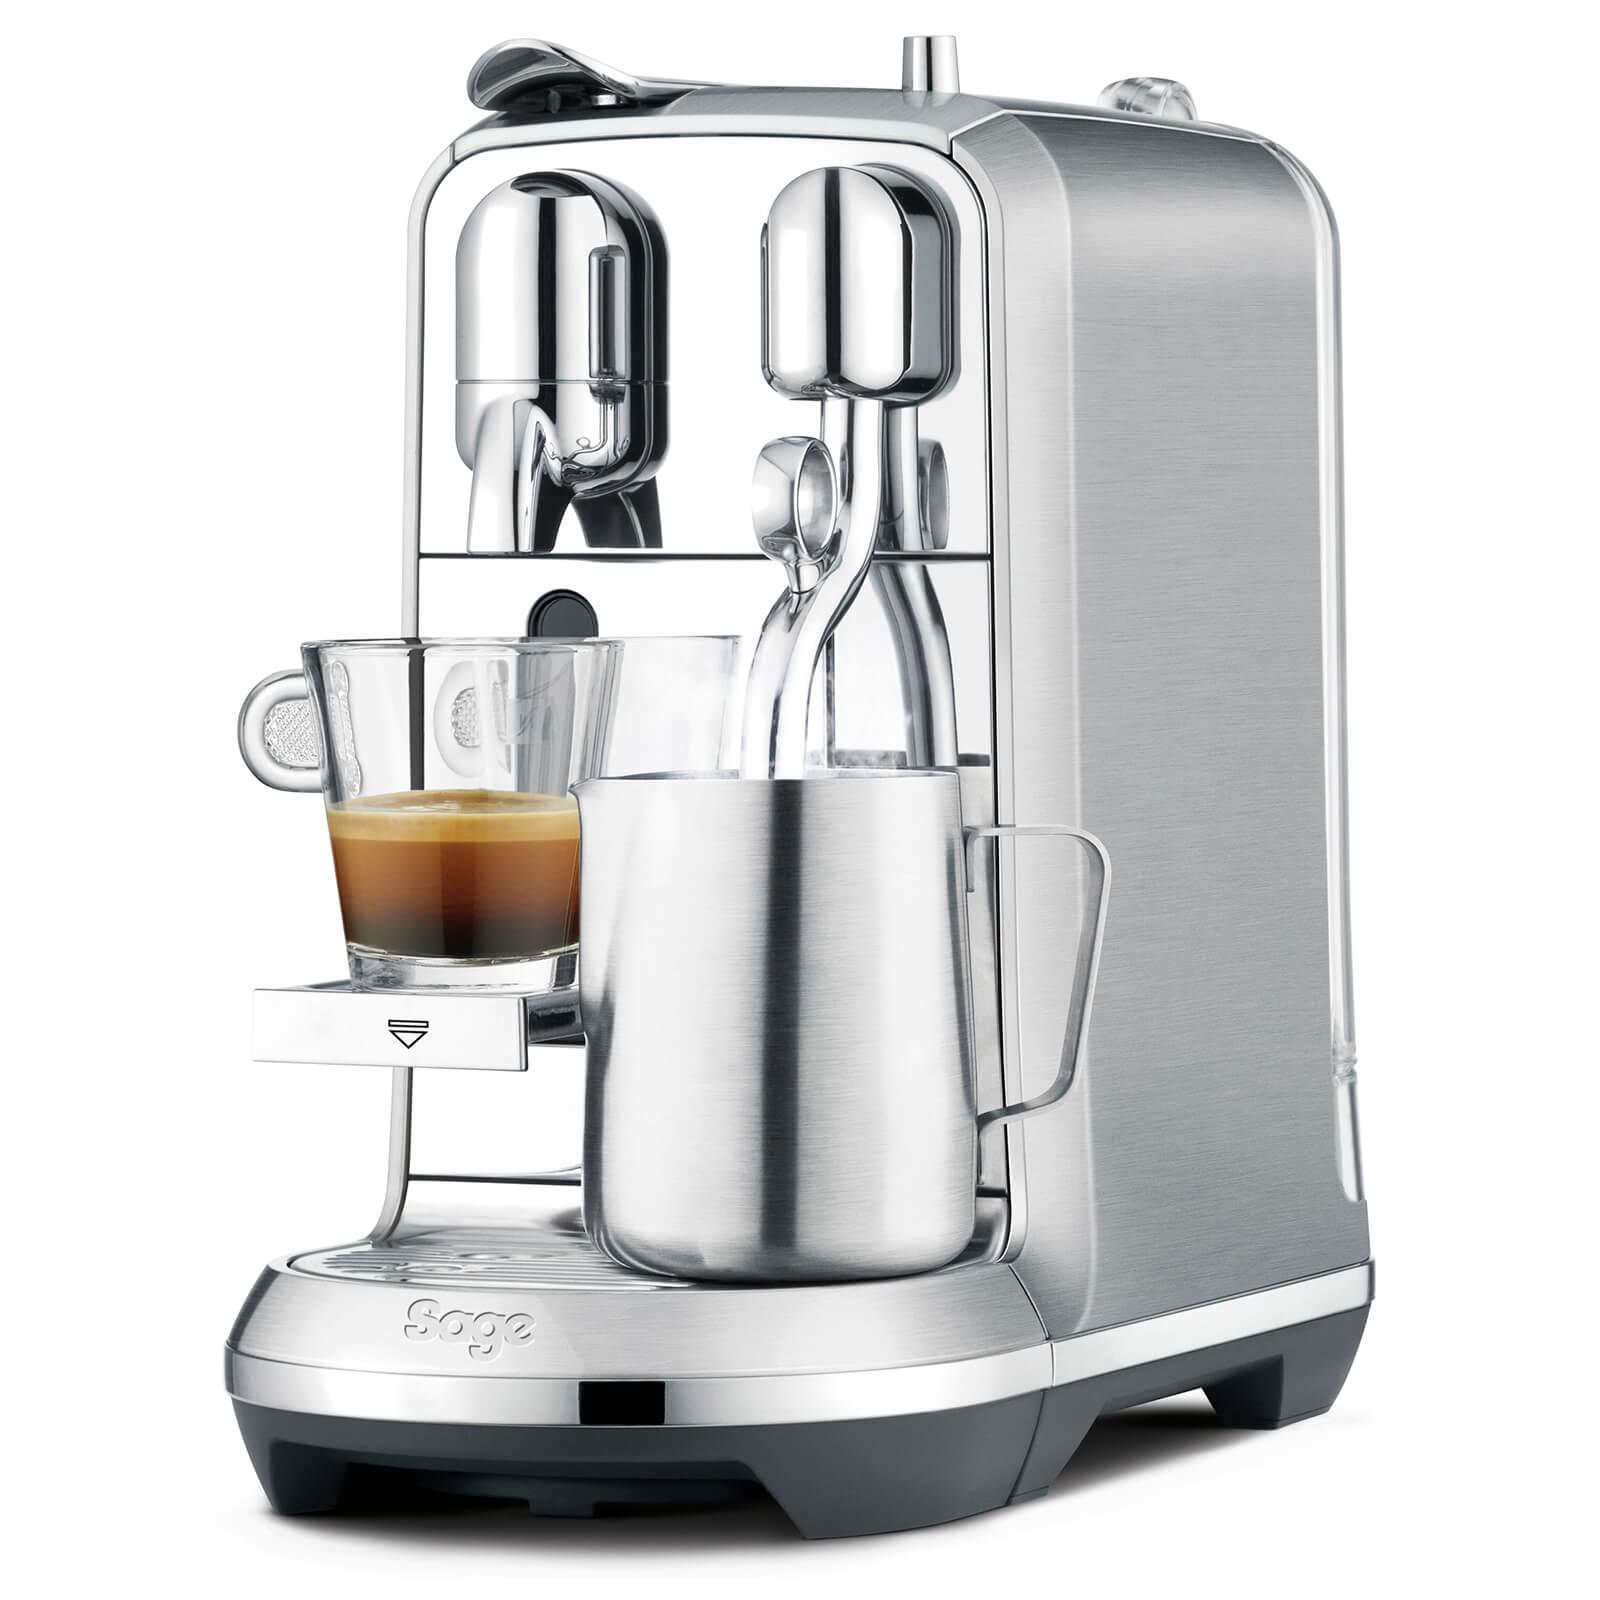 Sage Bne800bss Nespresso Creatista Plus Coffee Machine Stainless